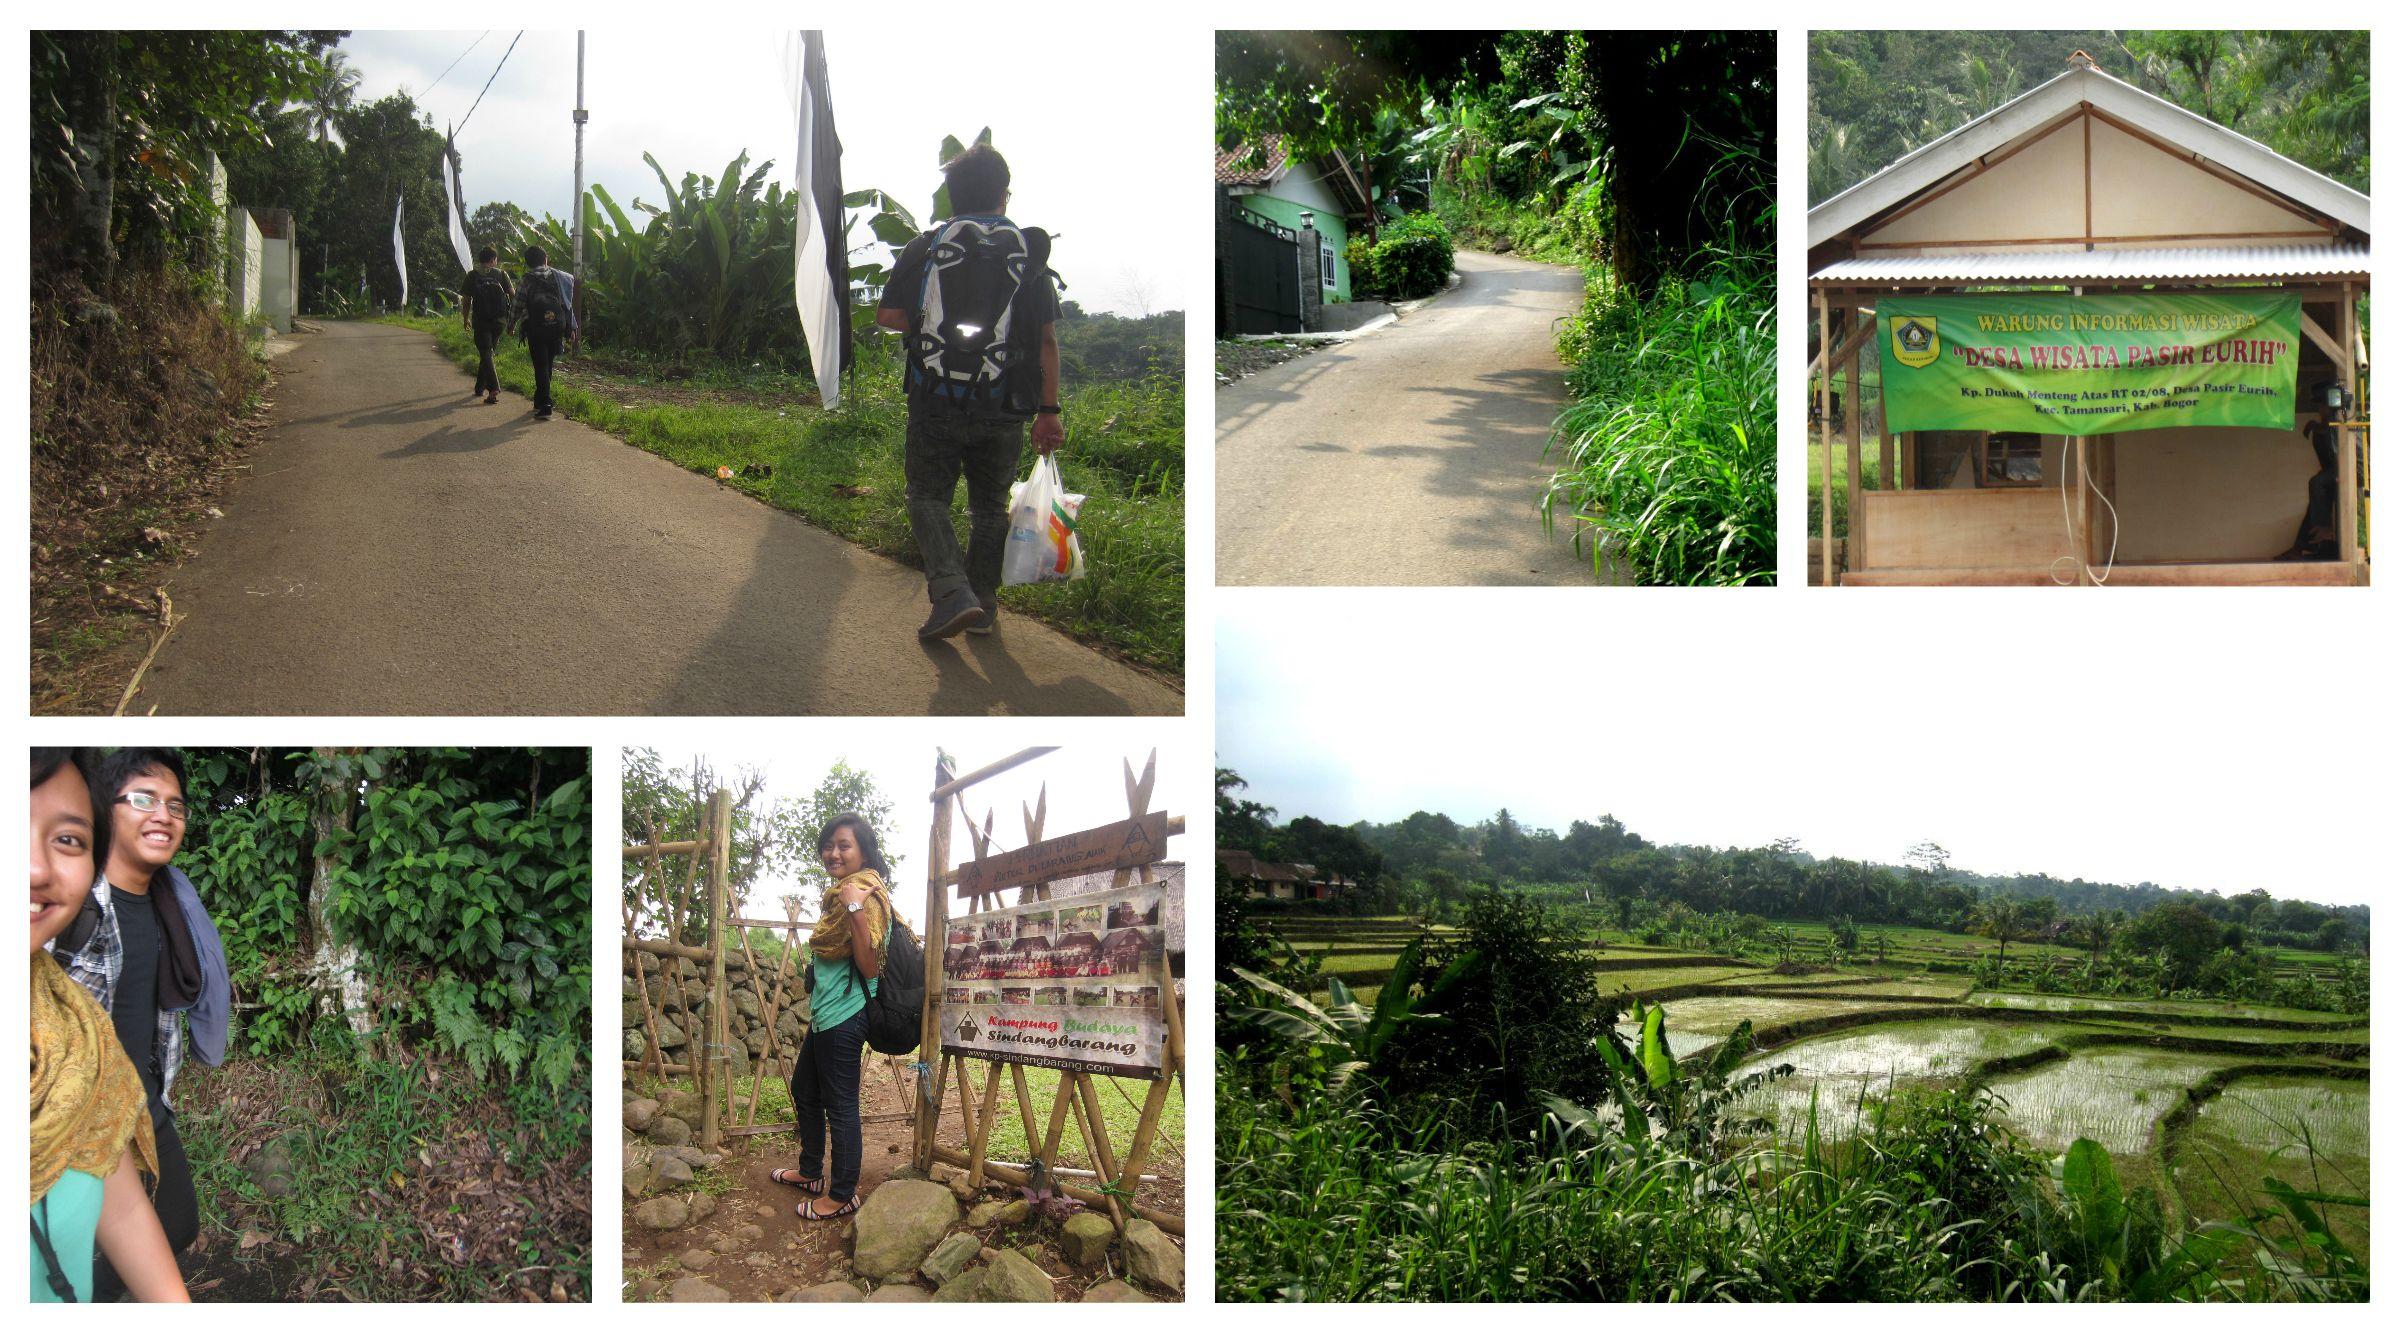 Kampung Budaya Sindang Barang Love Nature Culture Sindangbarang Kab Bogor